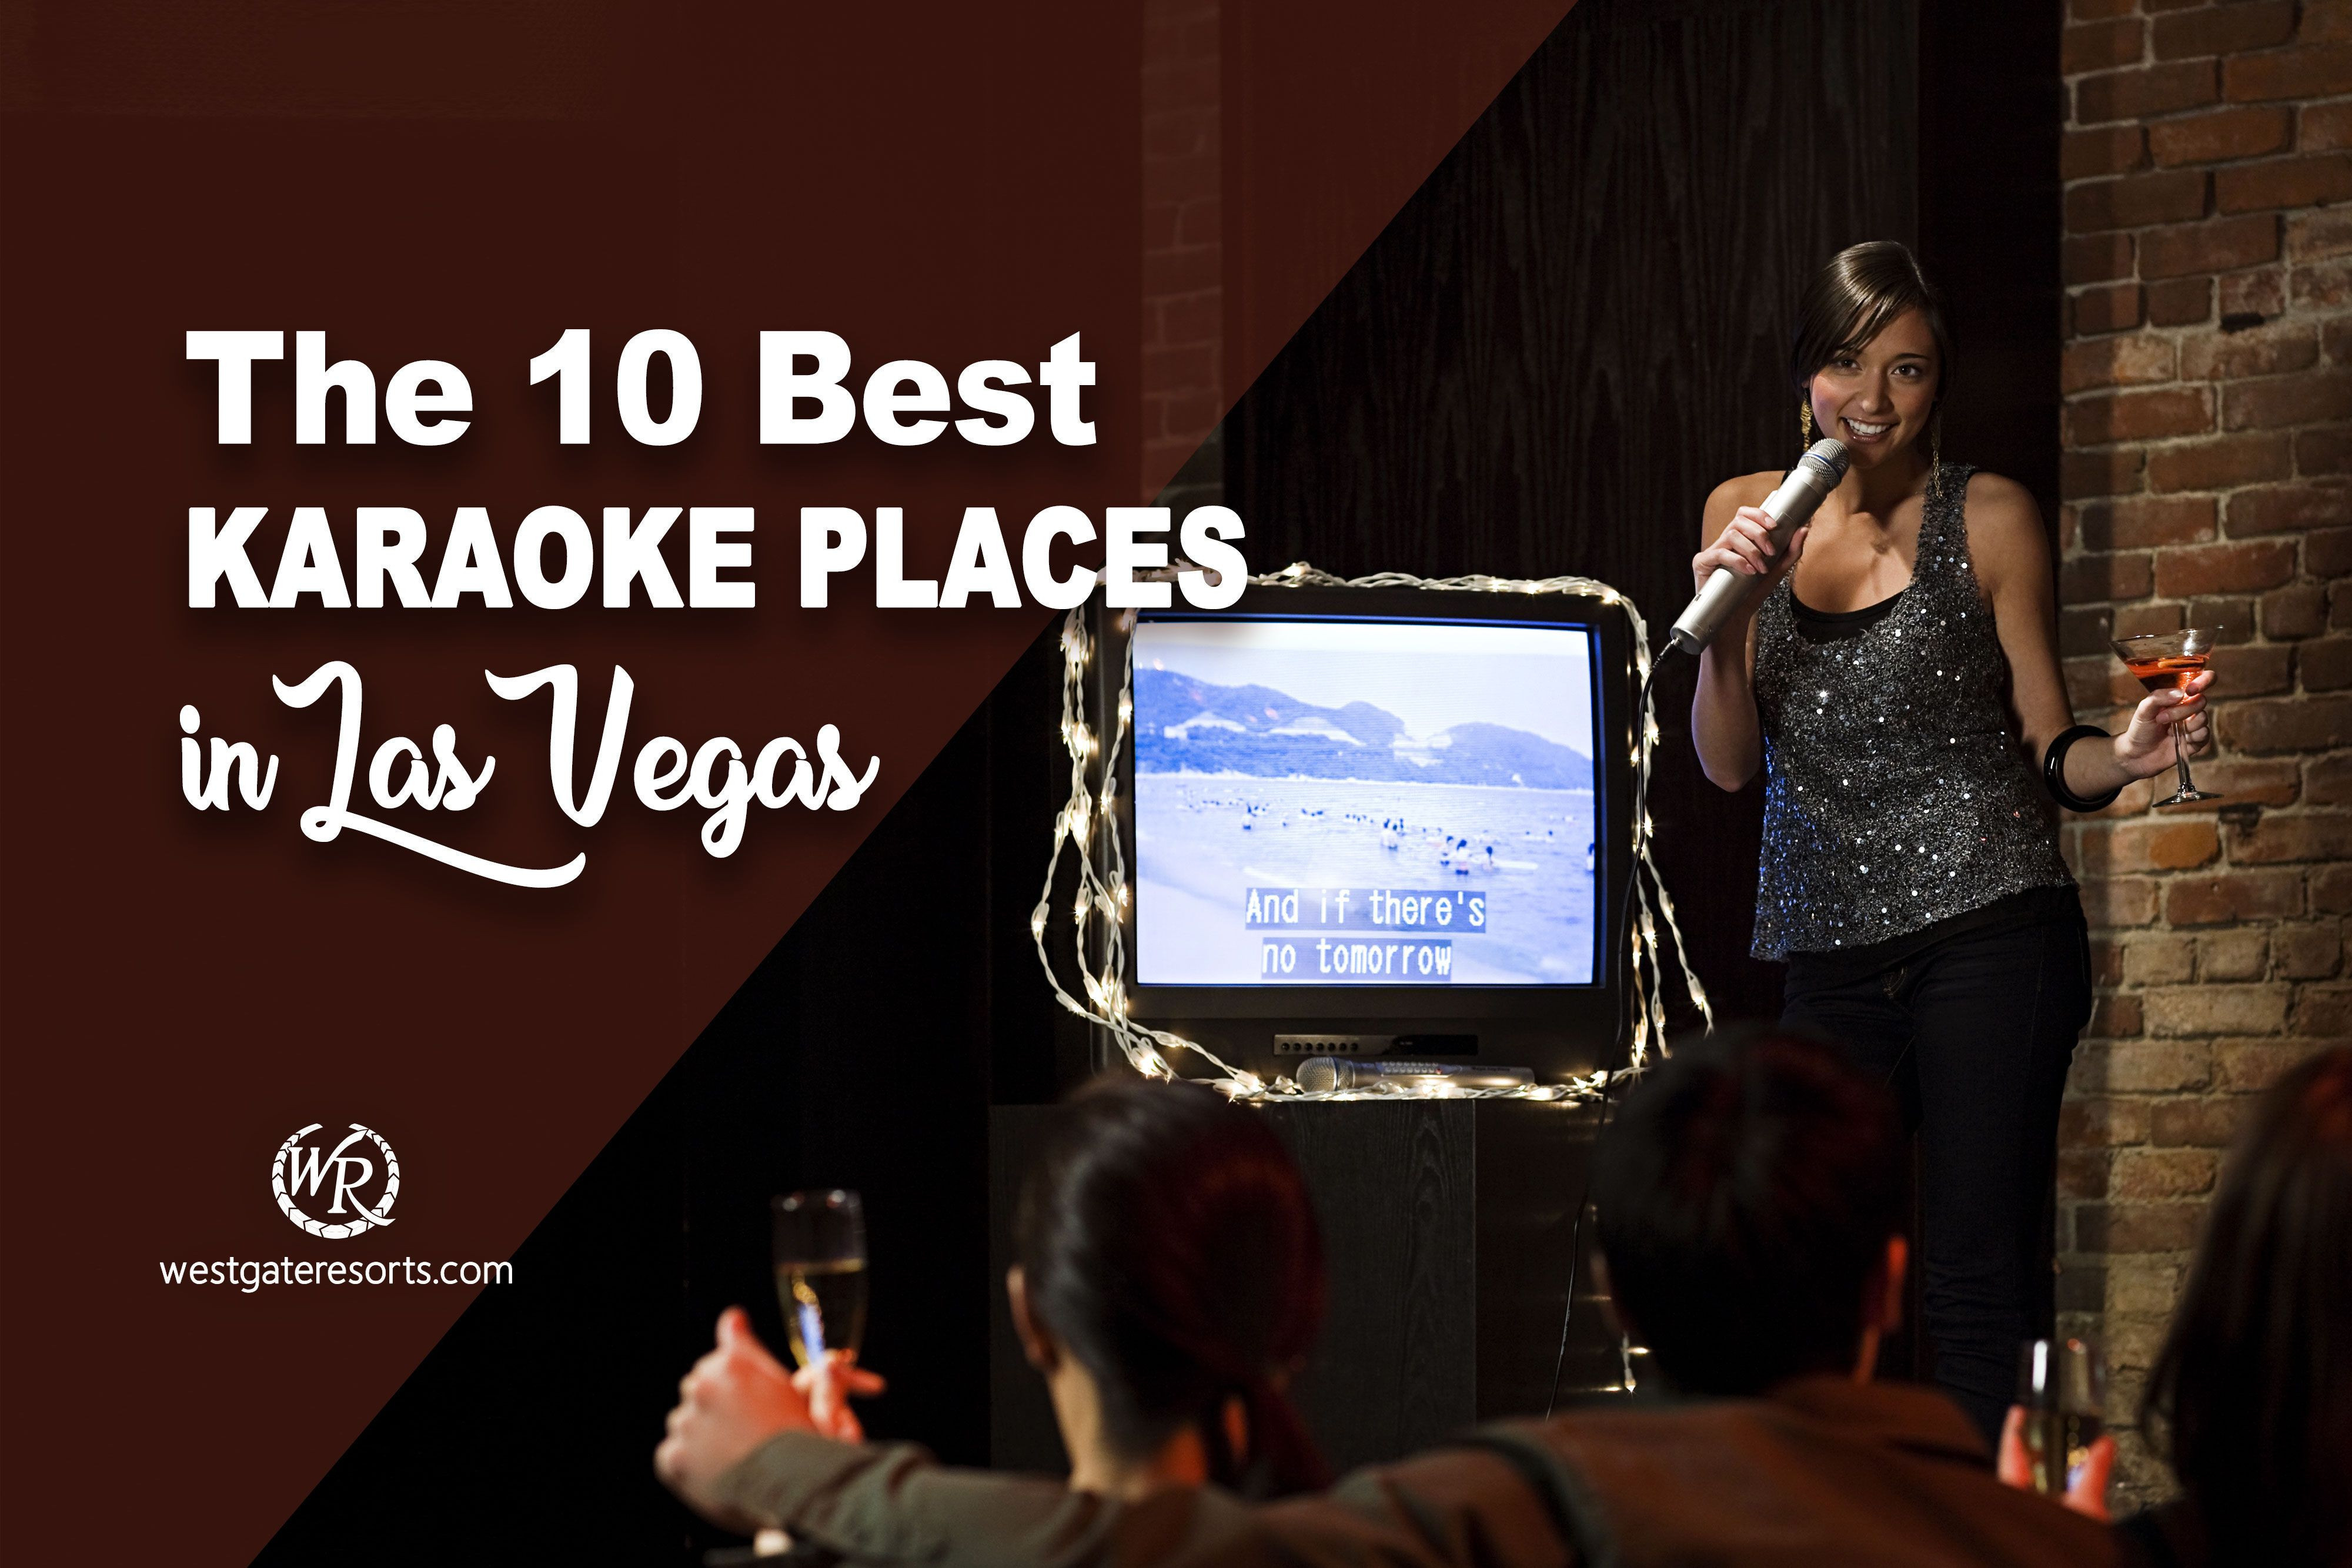 The 10 Best Karaoke Places in Las Vegas!